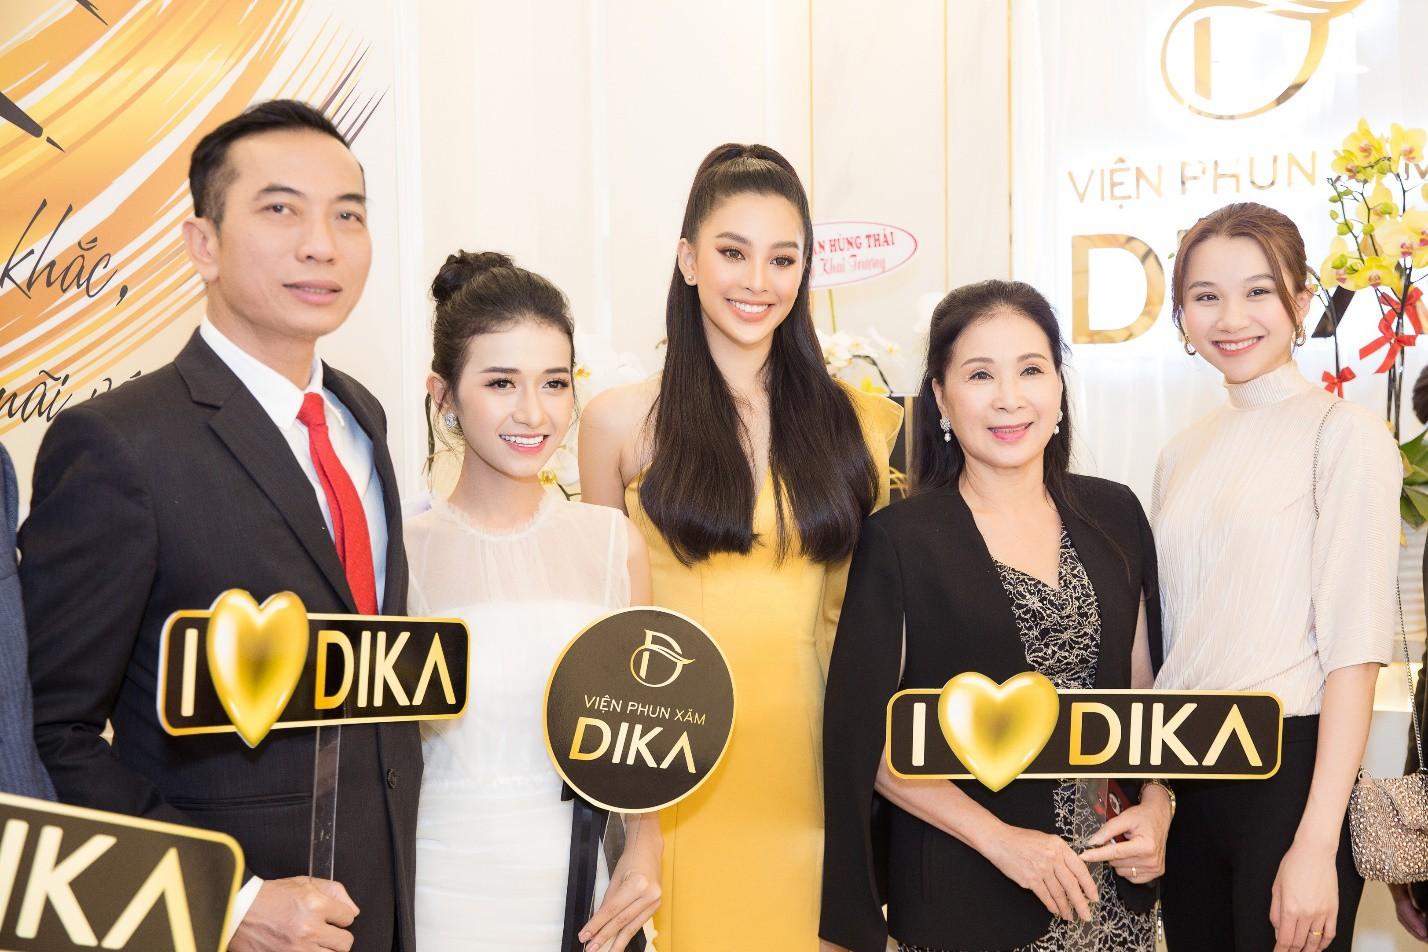 Hoa hậu Tiểu Vy ngời ngời khí chất dự khai trương viện phun xăm thẩm mỹ - Ảnh 1.